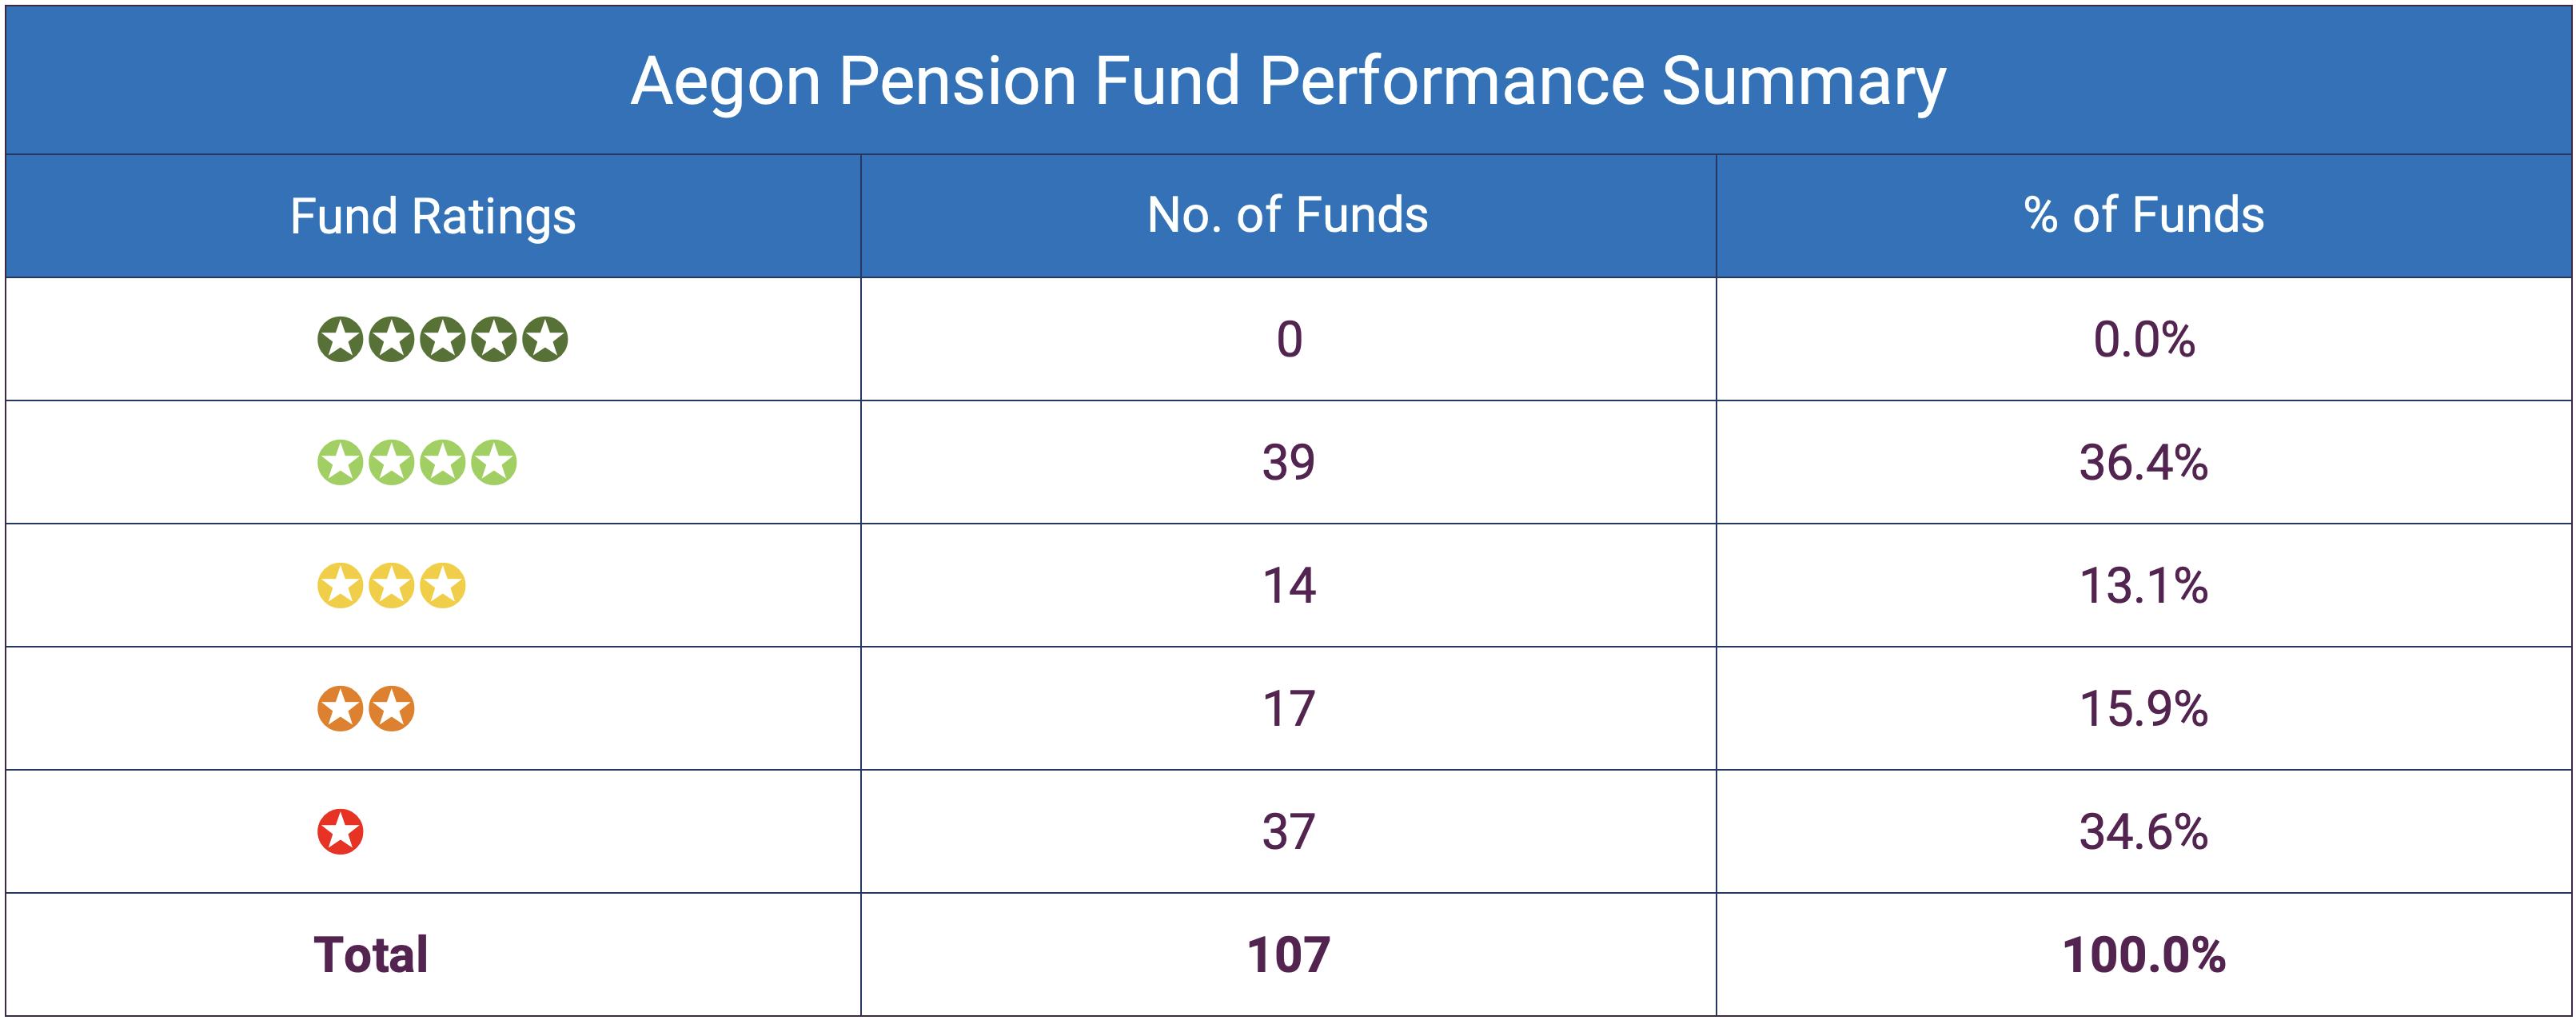 Aegon Pension Fund Performance Summary